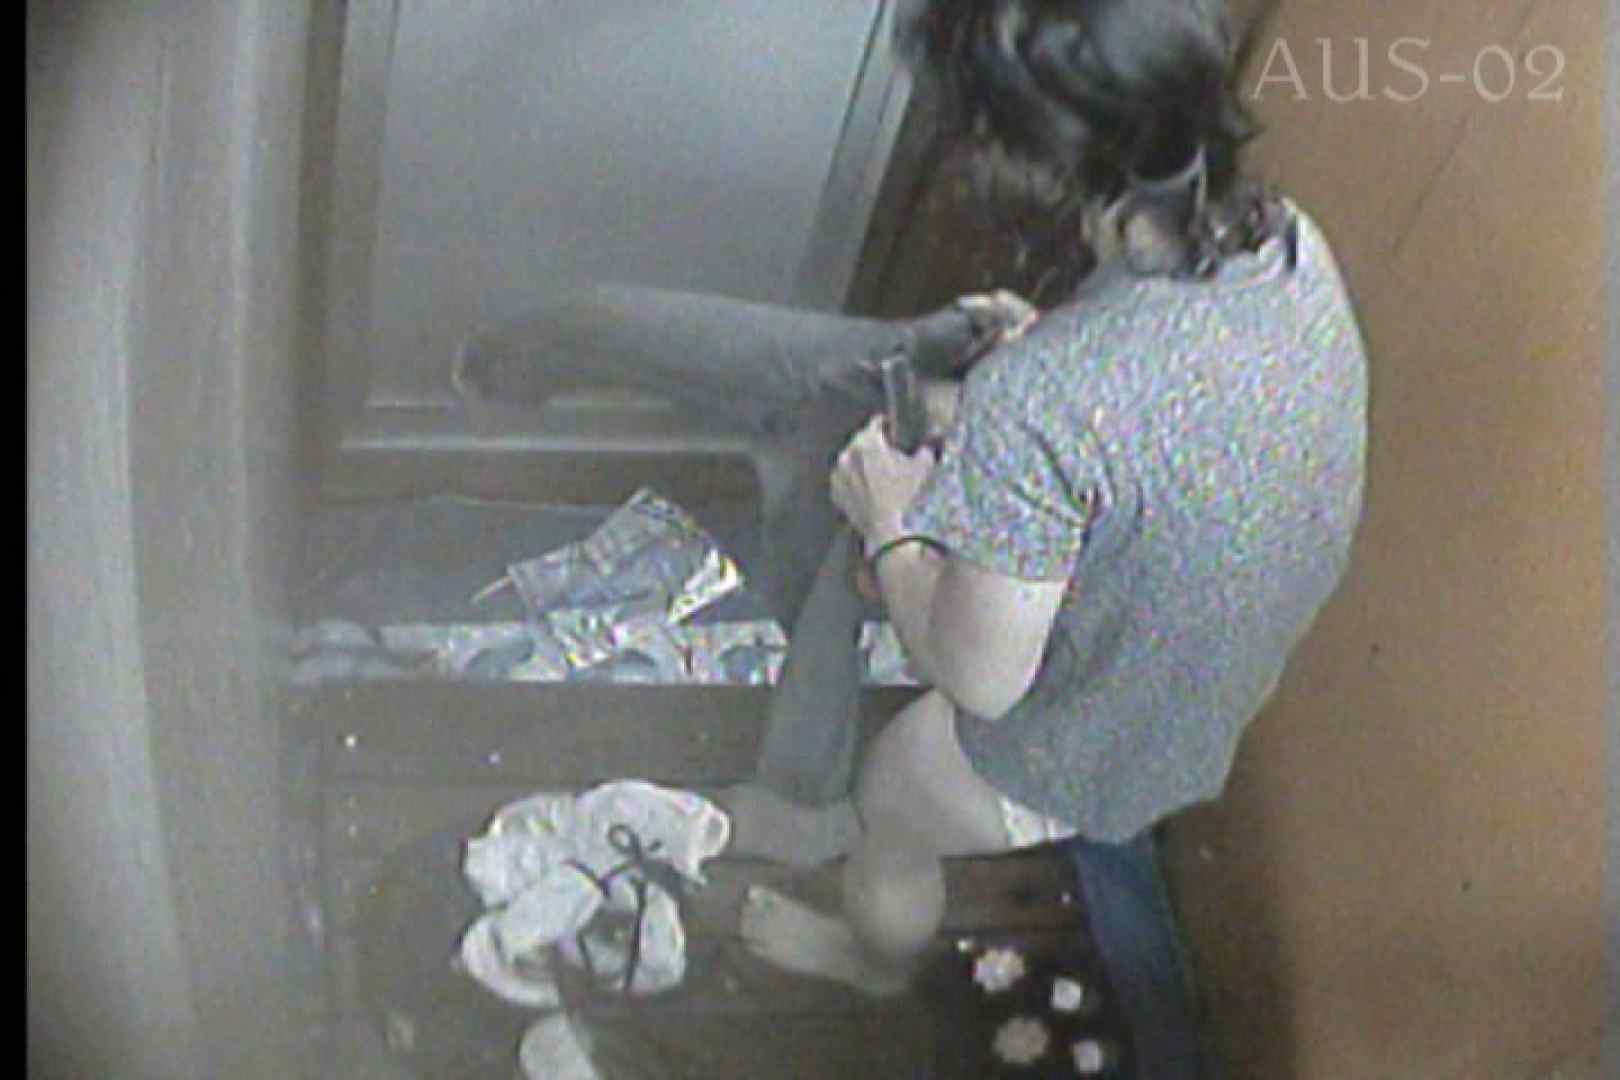 海の家の更衣室 Vol.09 シャワー室 AV無料動画キャプチャ 101画像 75